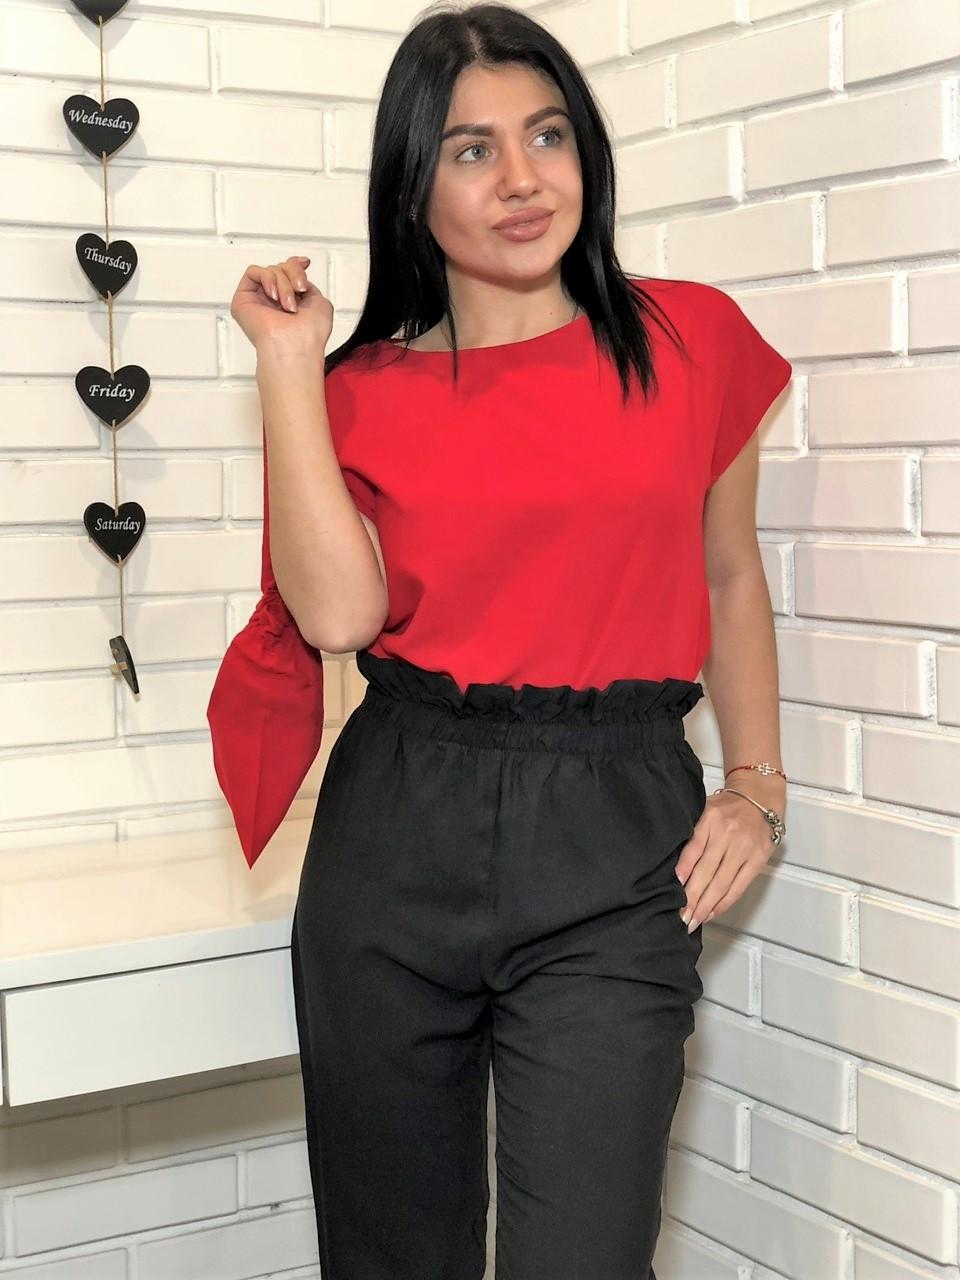 Женский домашний комплект для дома и сна ТМ Exclusive: футболка+ штаны +чехольчик